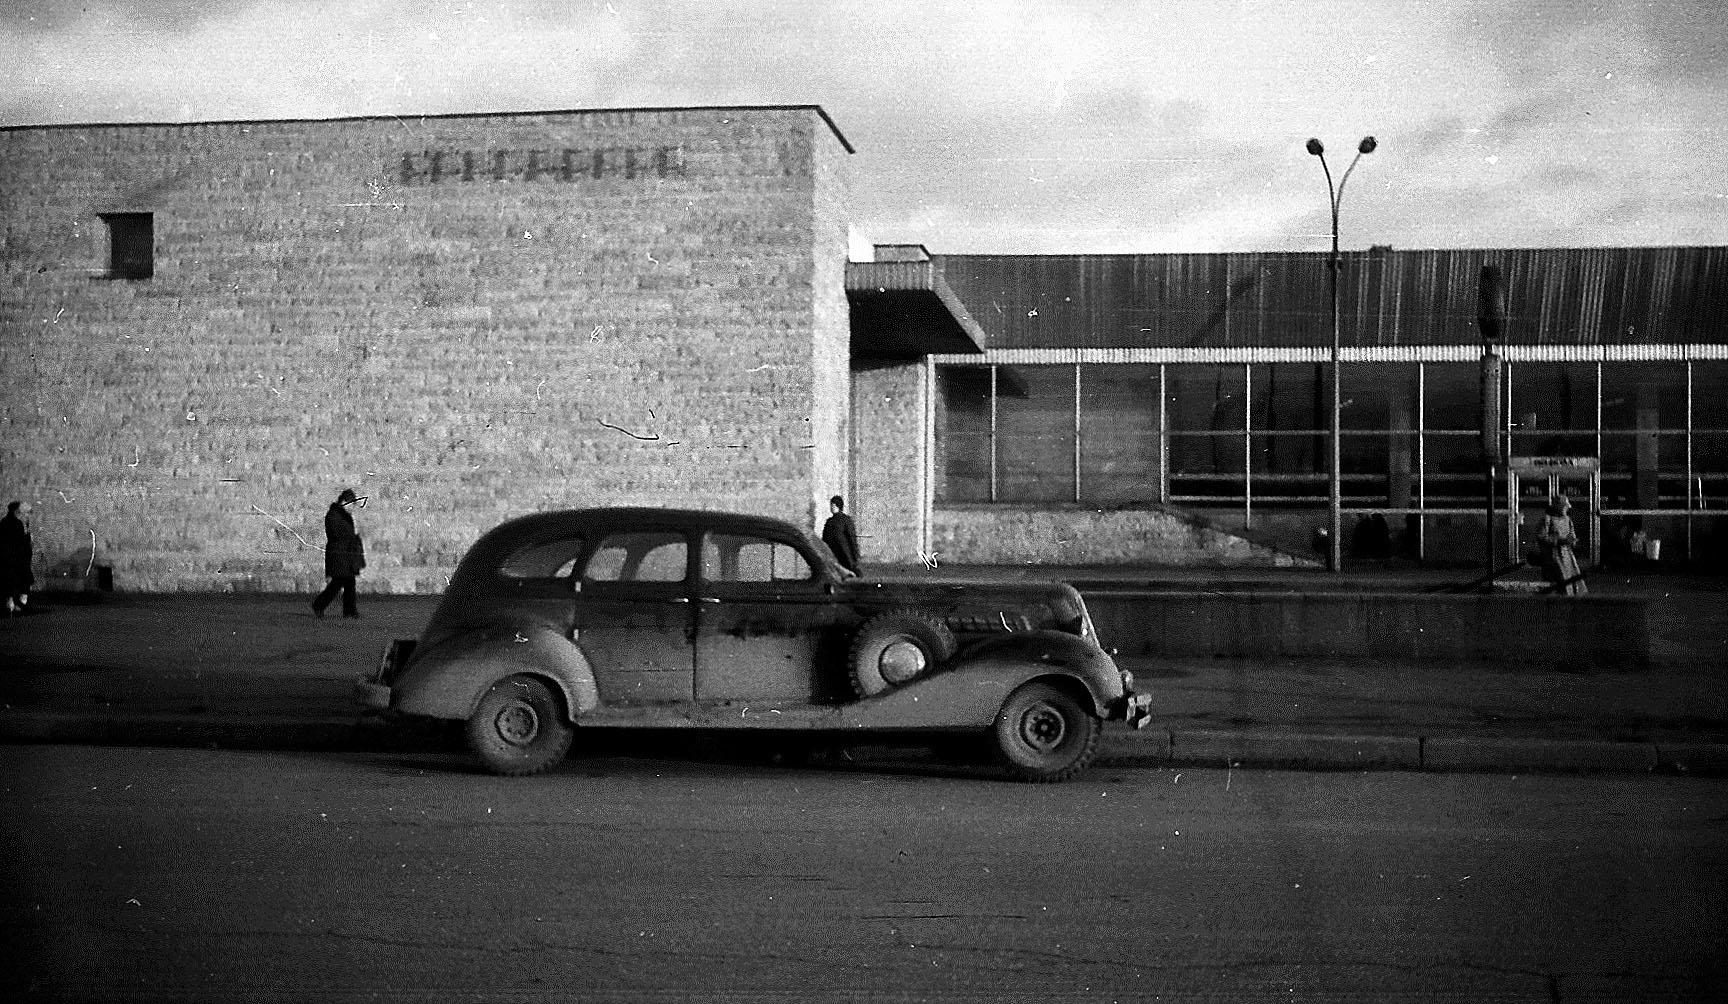 Наземный вестибюль станции метро «Купчино» со стороны Витебского проспекта. Середина 1980-х гг. Фото Петра Амелина.